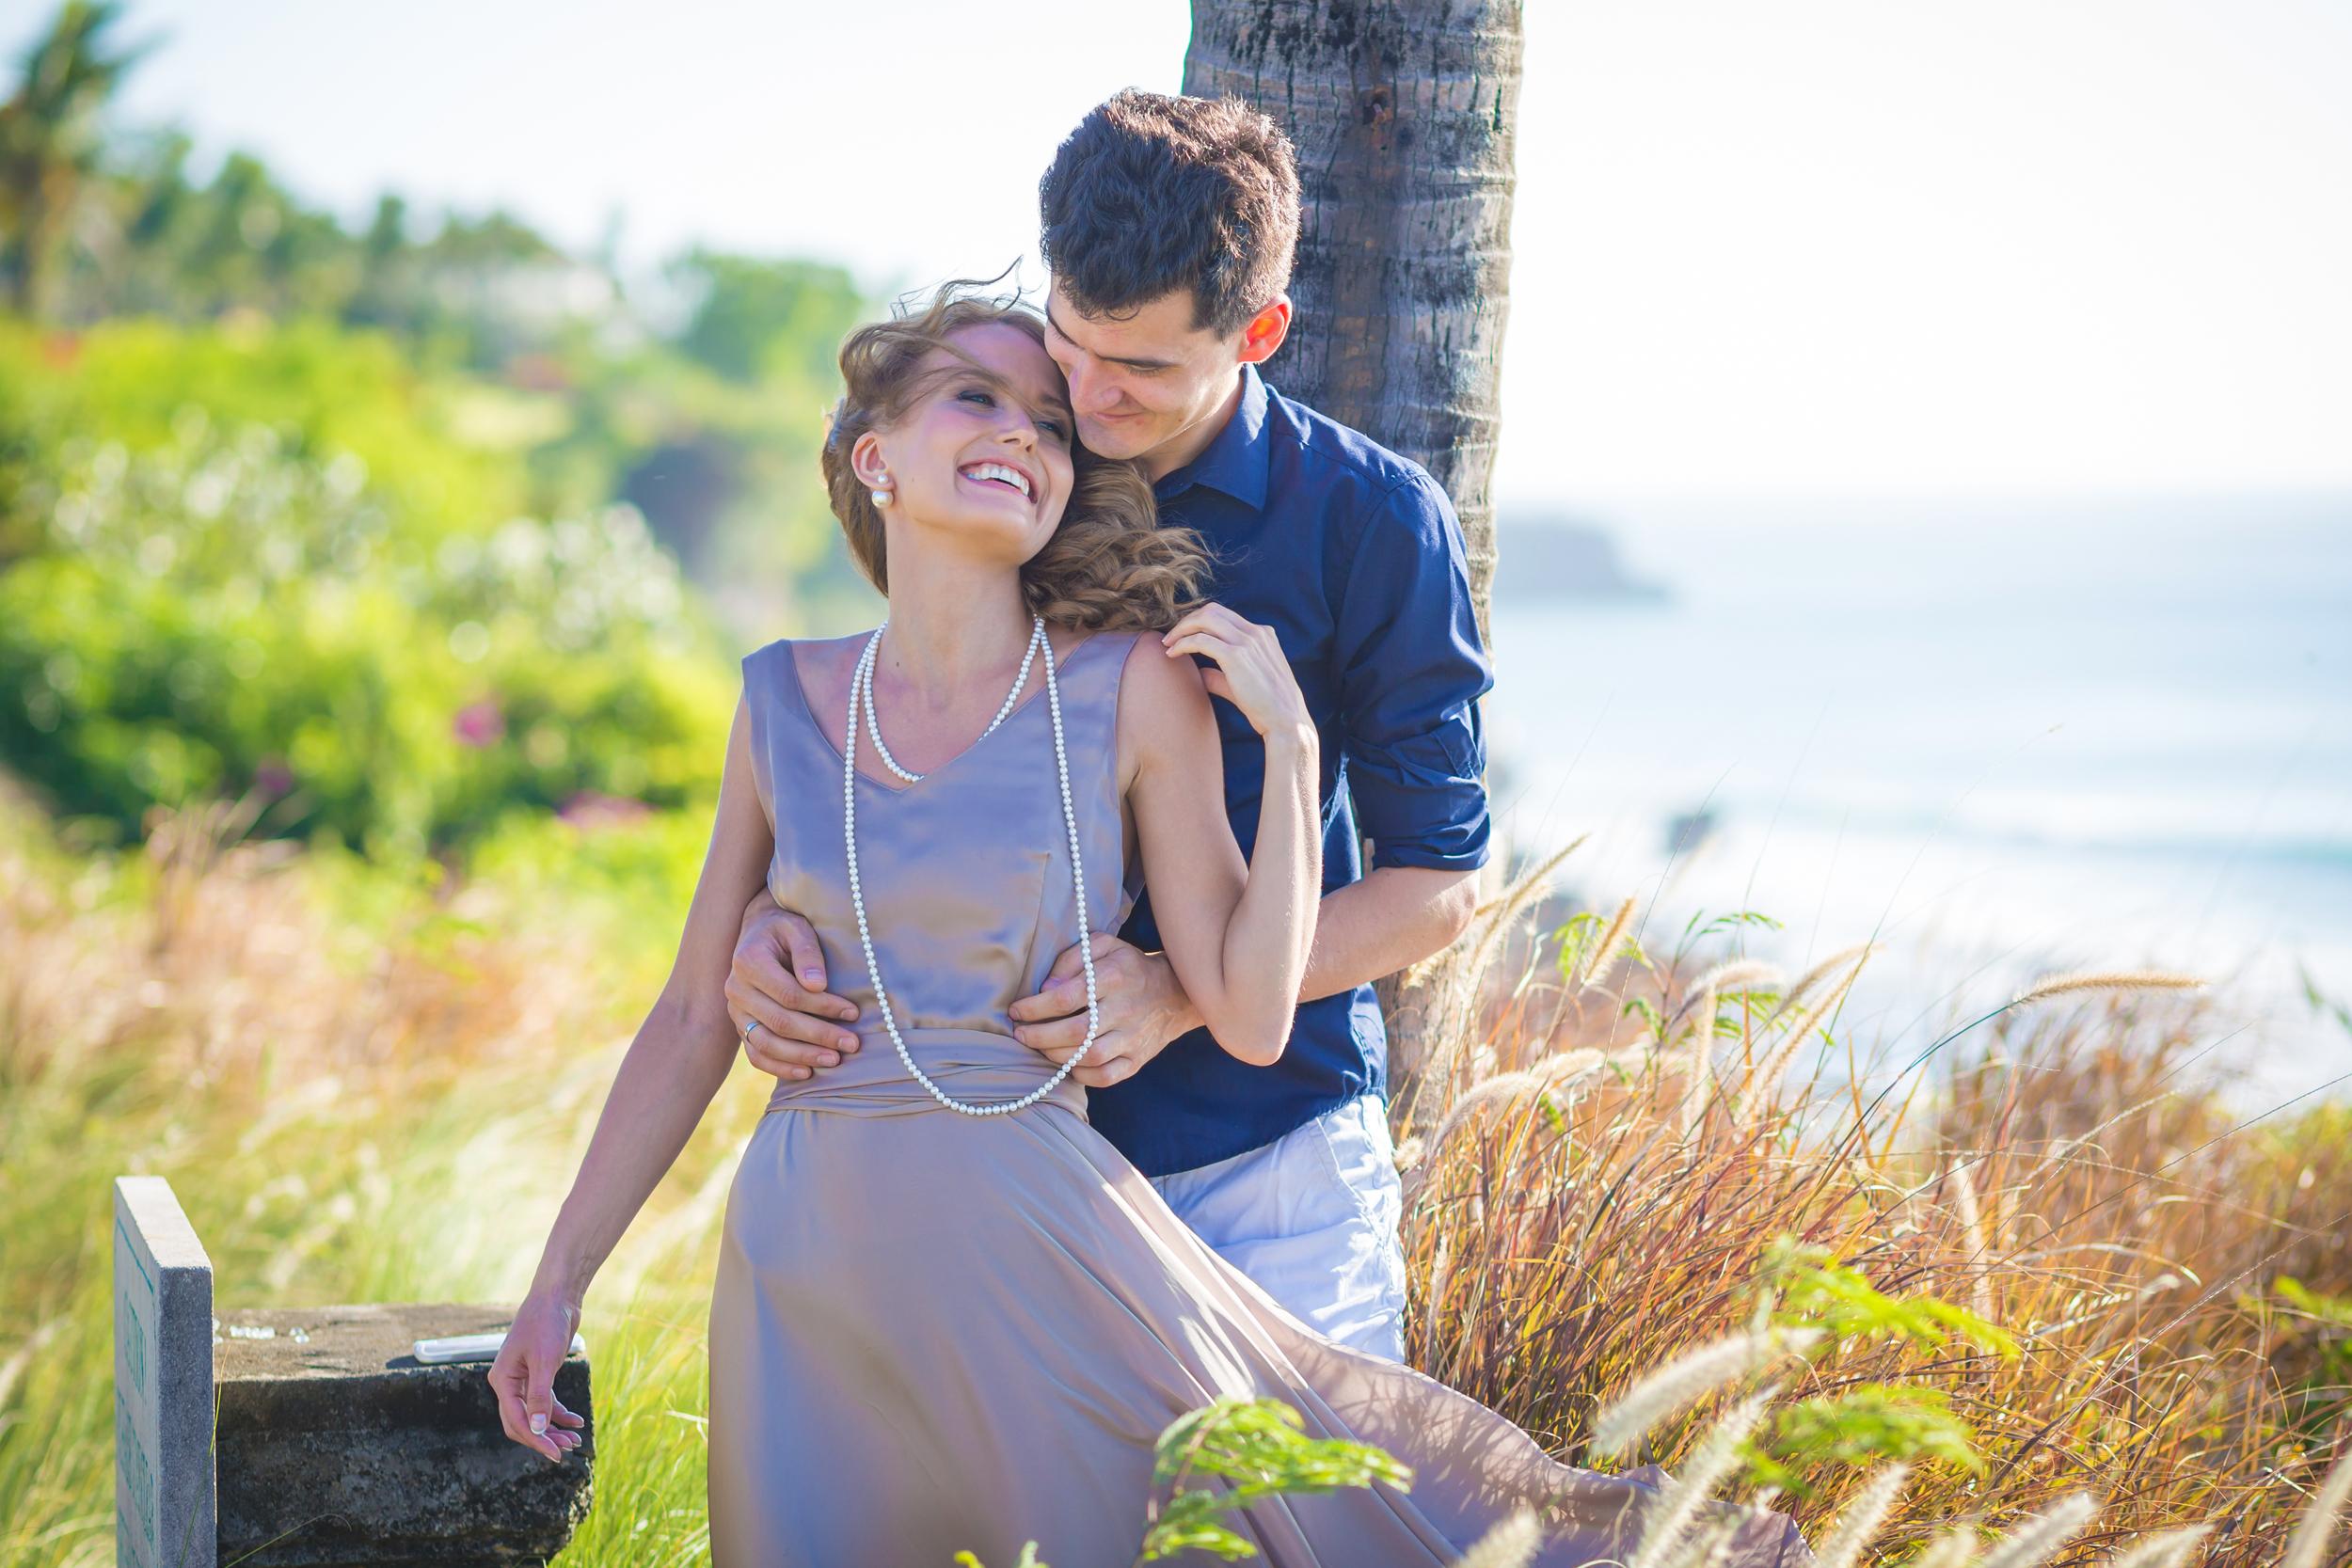 Young Happy Wedding Couple